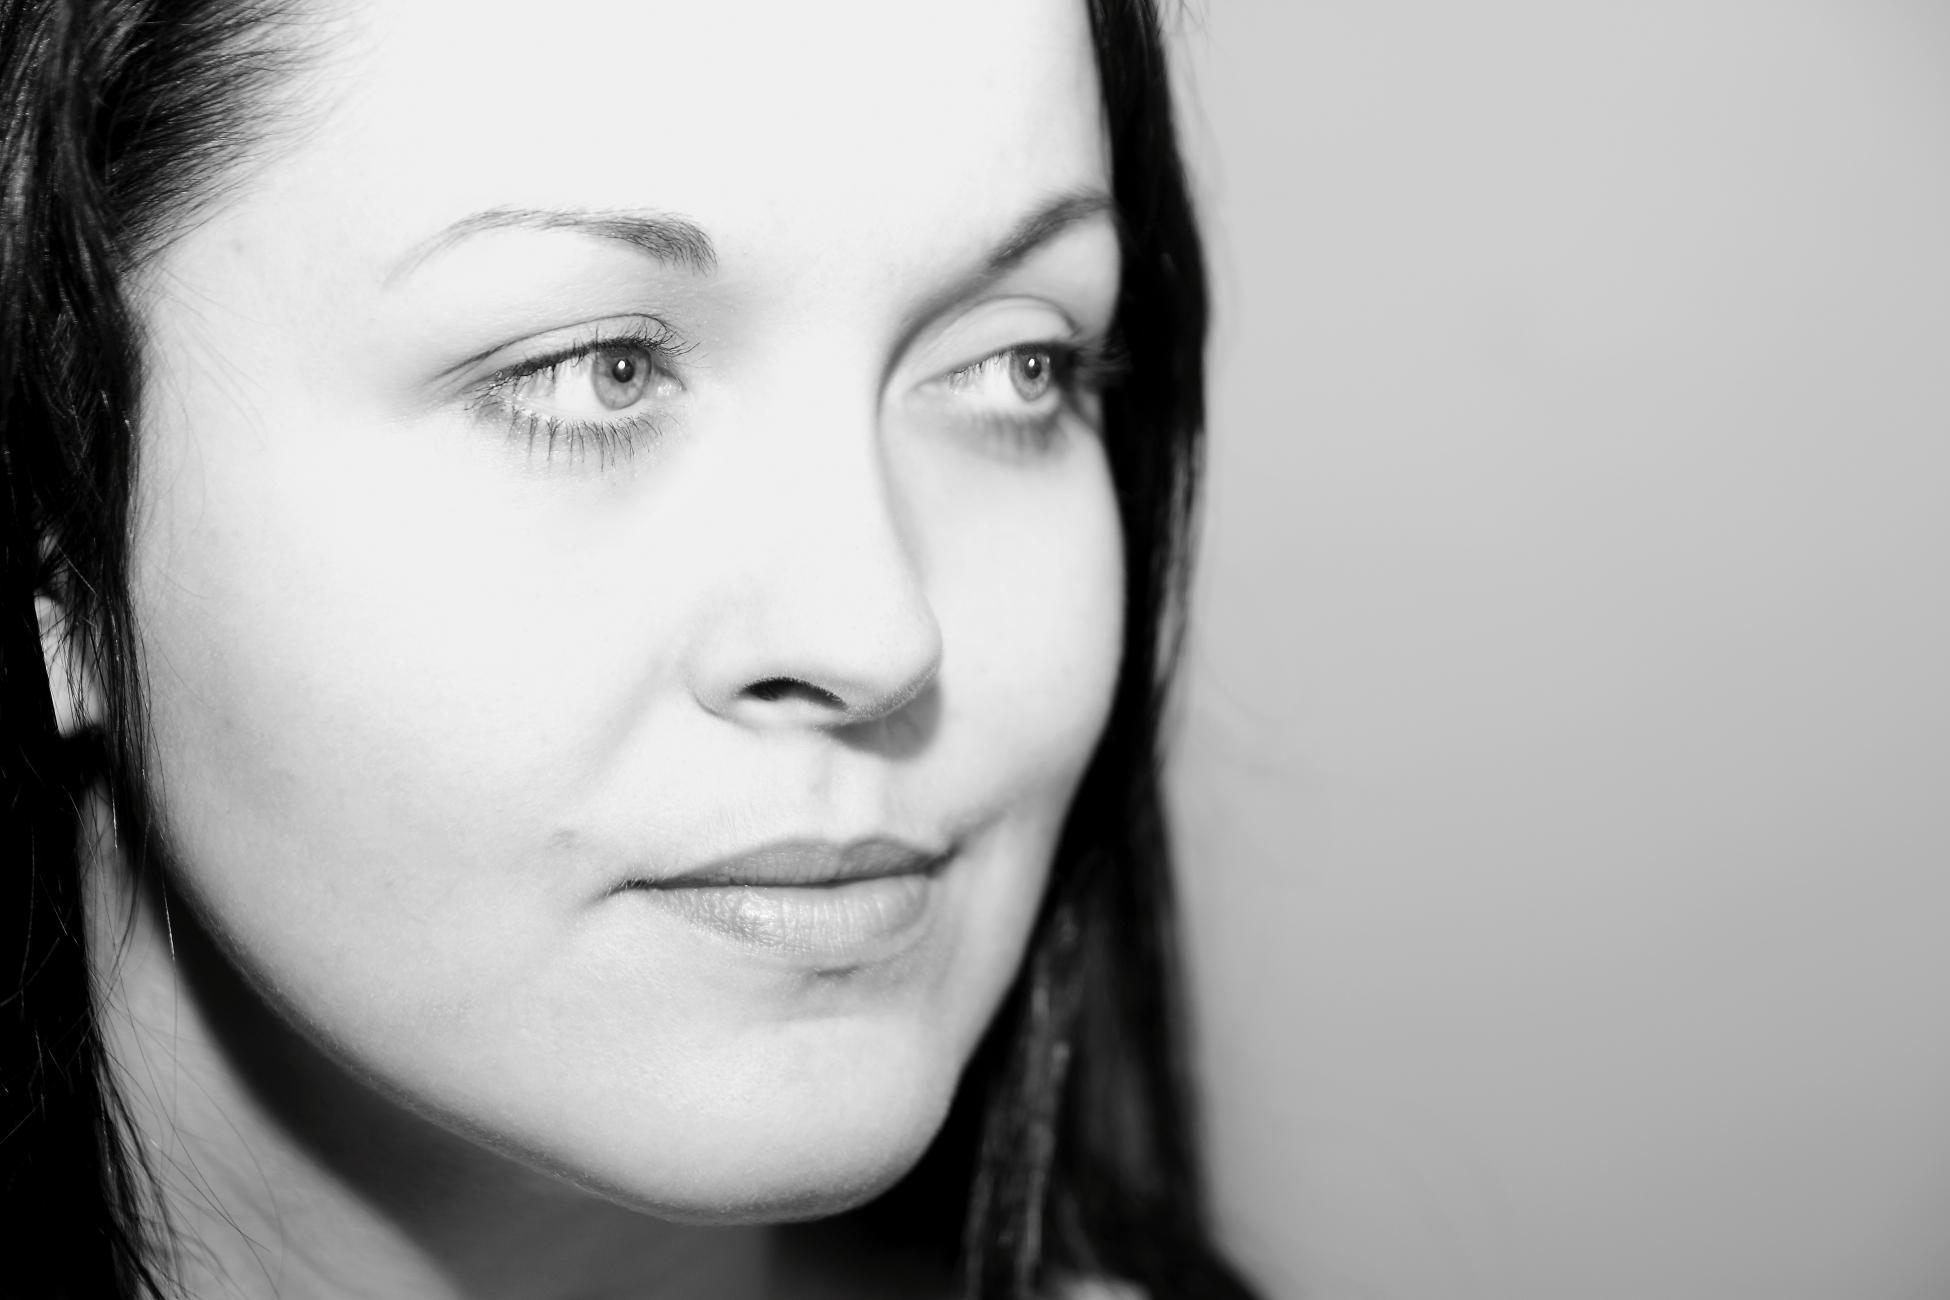 ola-szczygieł-sesje-kobiece-fotograf-projekt-lubliniczanka-wystawa-dom-kultury-lubliniec-być-kobietą-2015